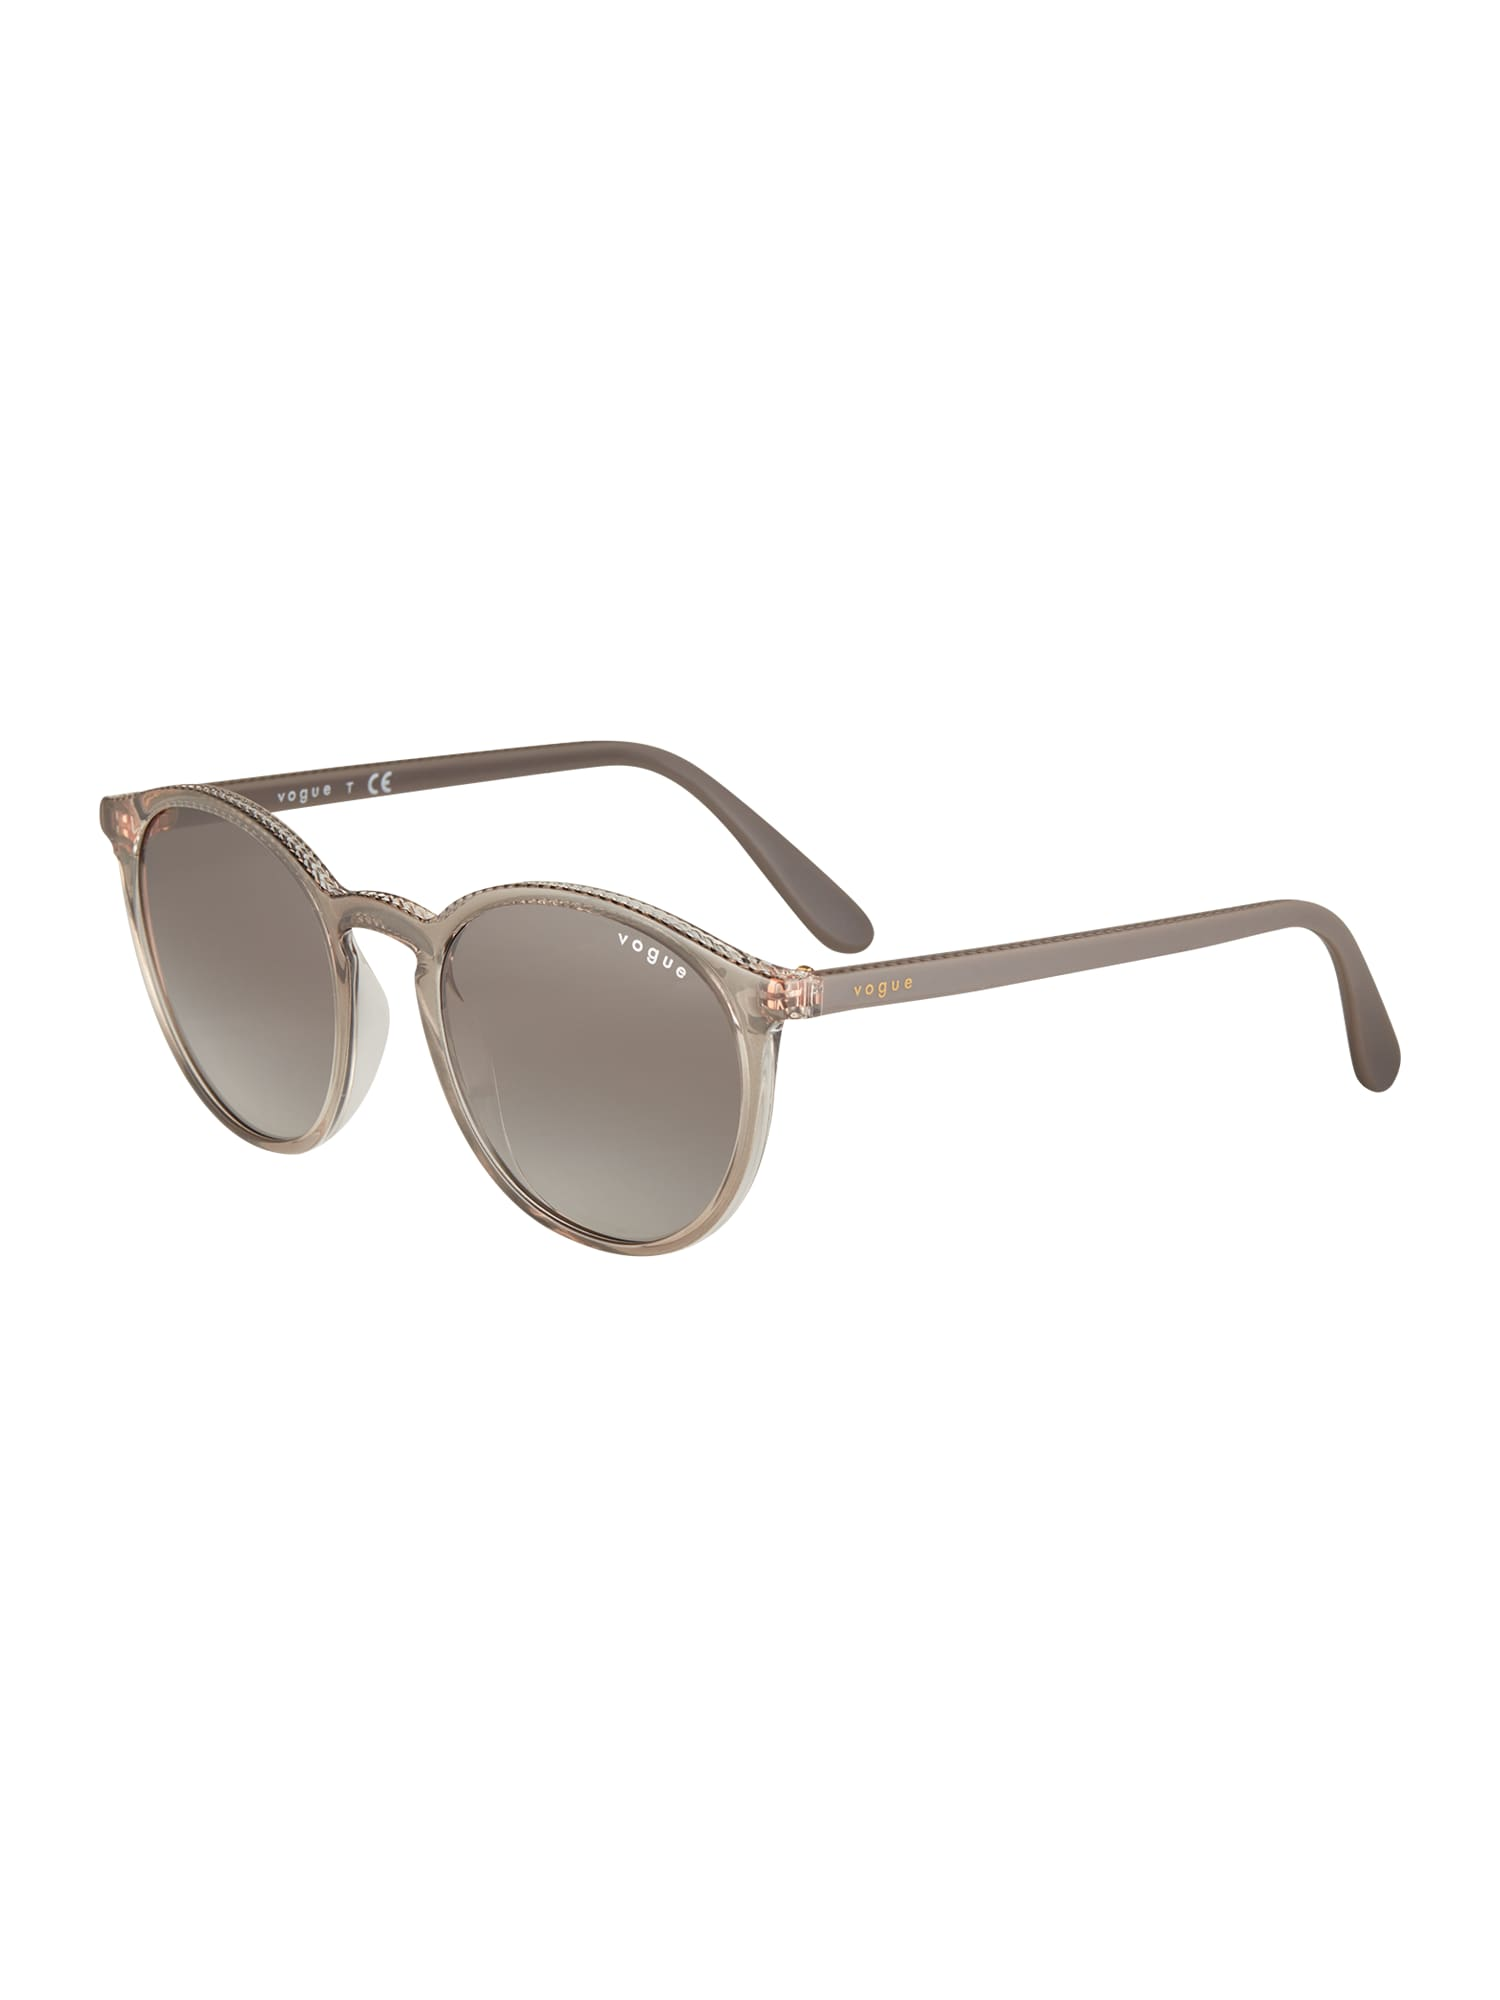 VOGUE Eyewear Akiniai nuo saulės skaidri spalva / pilka